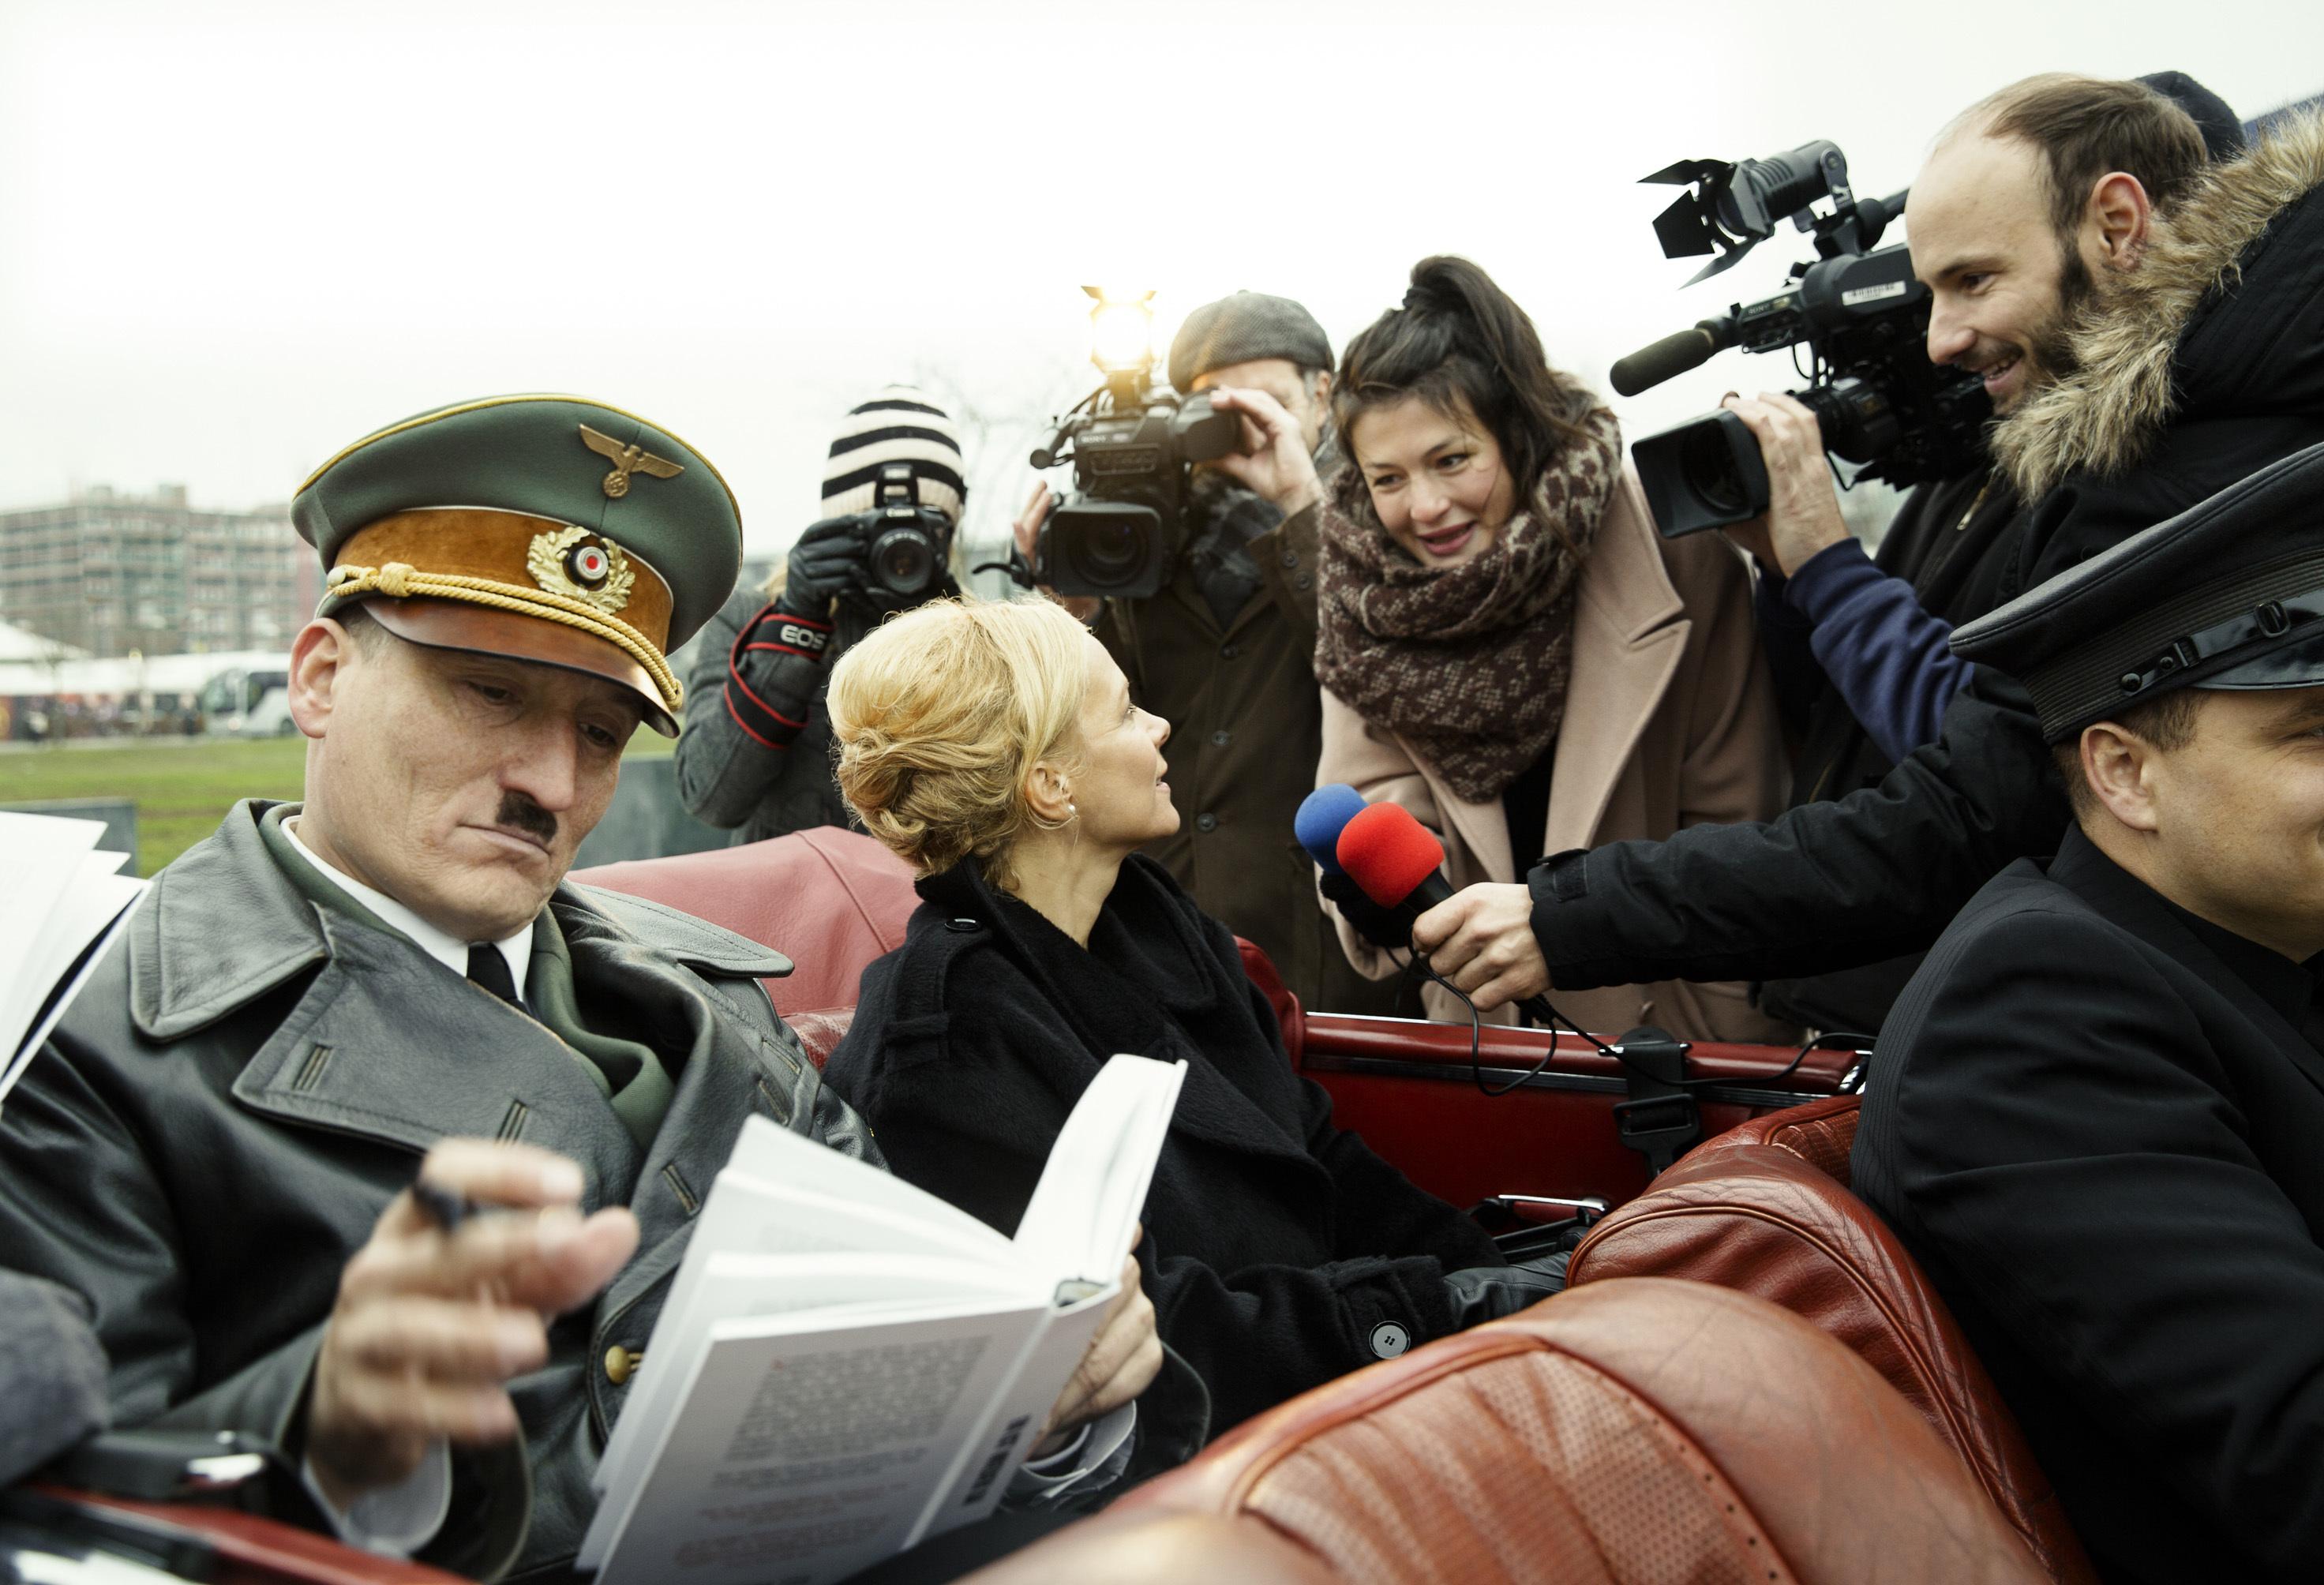 大人気のヒトラー 映画『帰ってきたヒトラー』 © 2015 MYTHOS FILMPRODUKTION GMBH & CO. KG CONSTANTIN FILM PRODUKTION GMBH